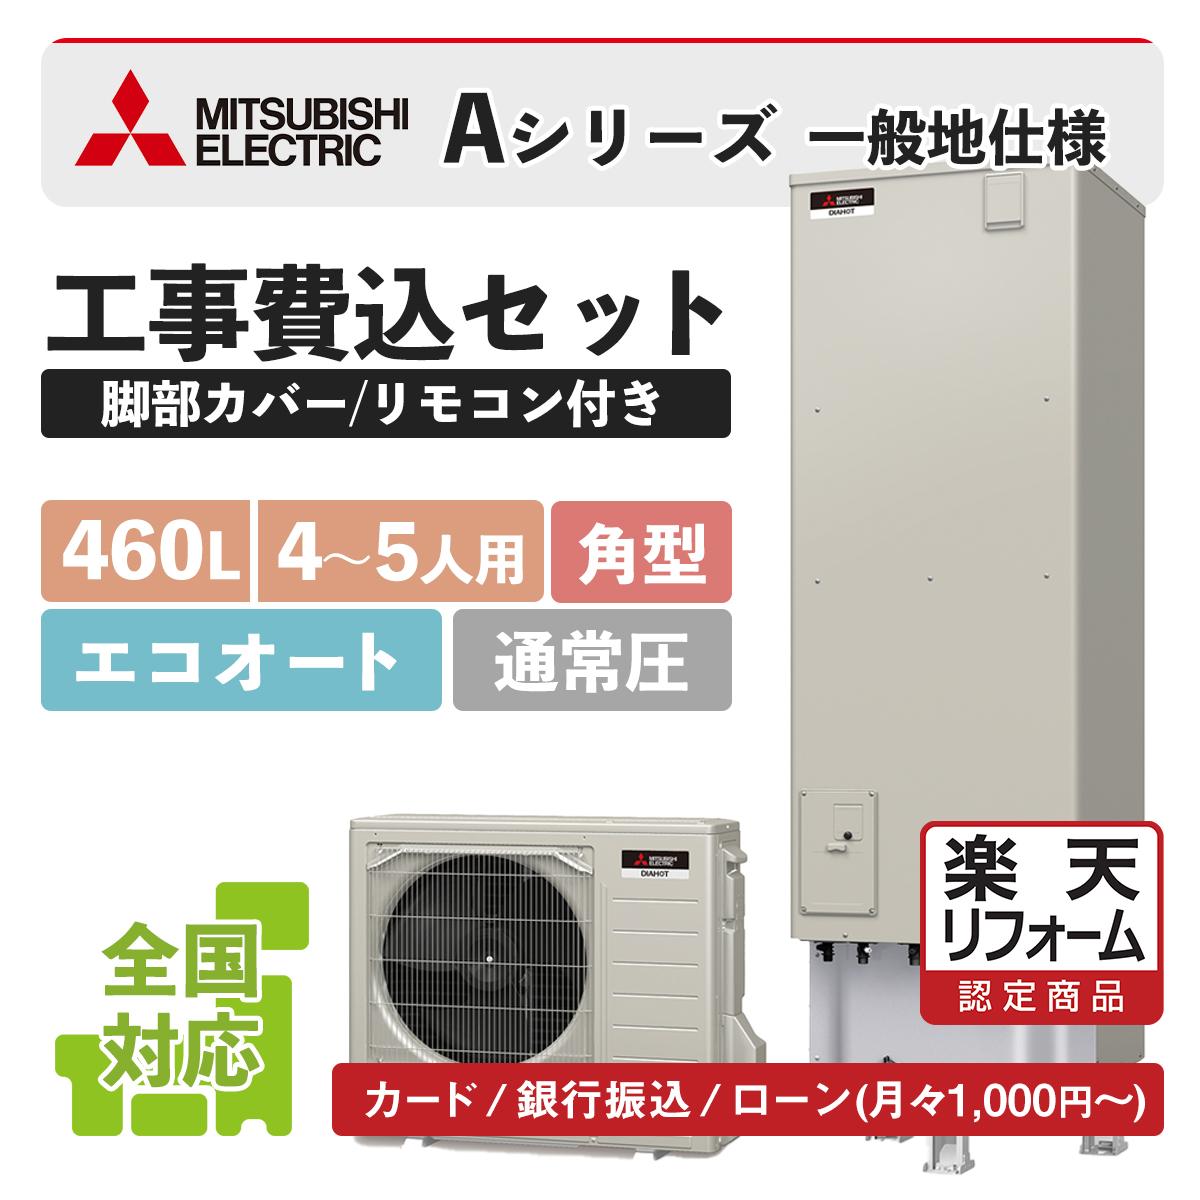 三菱Aシリーズ エコオート角型 460L:4~5人用 リフォーム認定商品 日本全国工事対応 エコキュートは交換工事費込みのミライトスマイナビにお任せください SRT-C465 エコオート エコキュート工事費込み 海外並行輸入正規品 角型 セミオート リモコン 給湯器 高い素材 全国対応 脚部カバーセット 460L